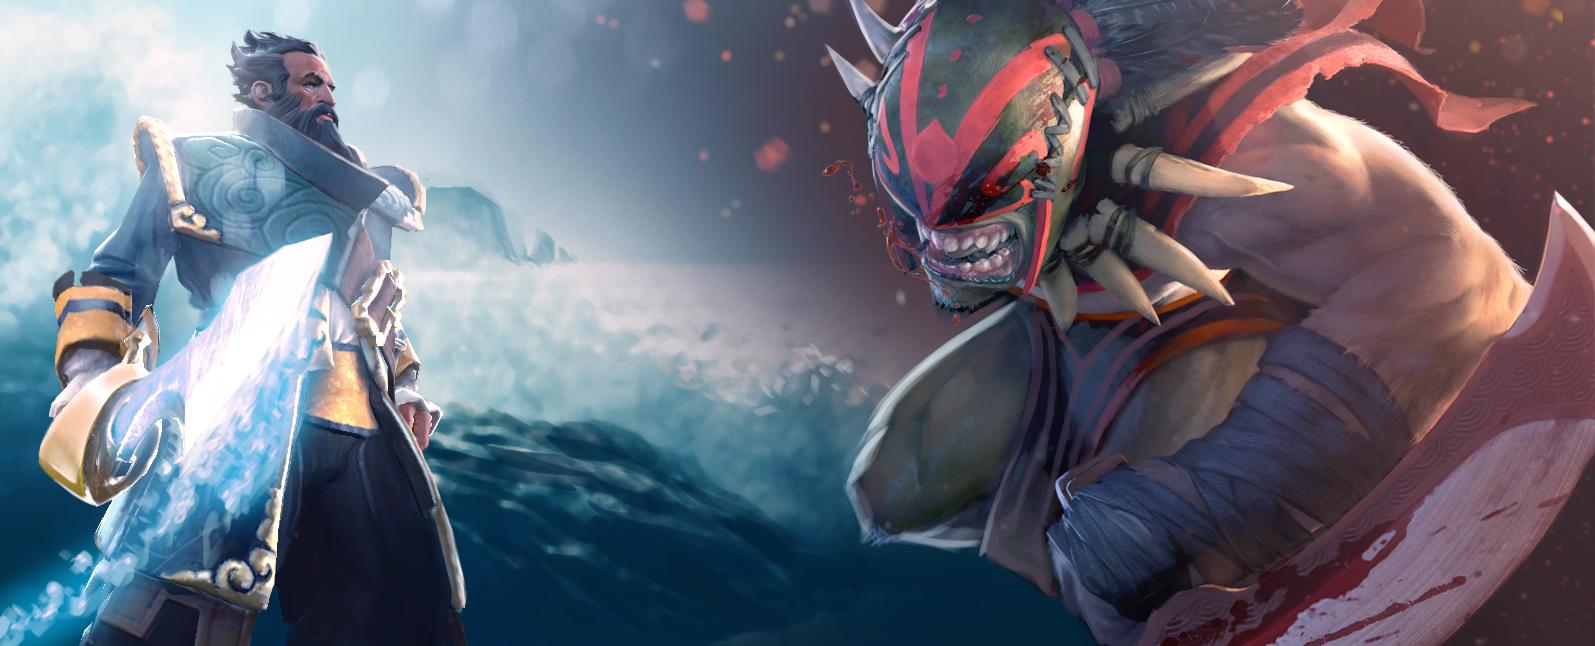 Loạt ảnh nguyên họa của các hero trong DotA 2 - Ảnh 3